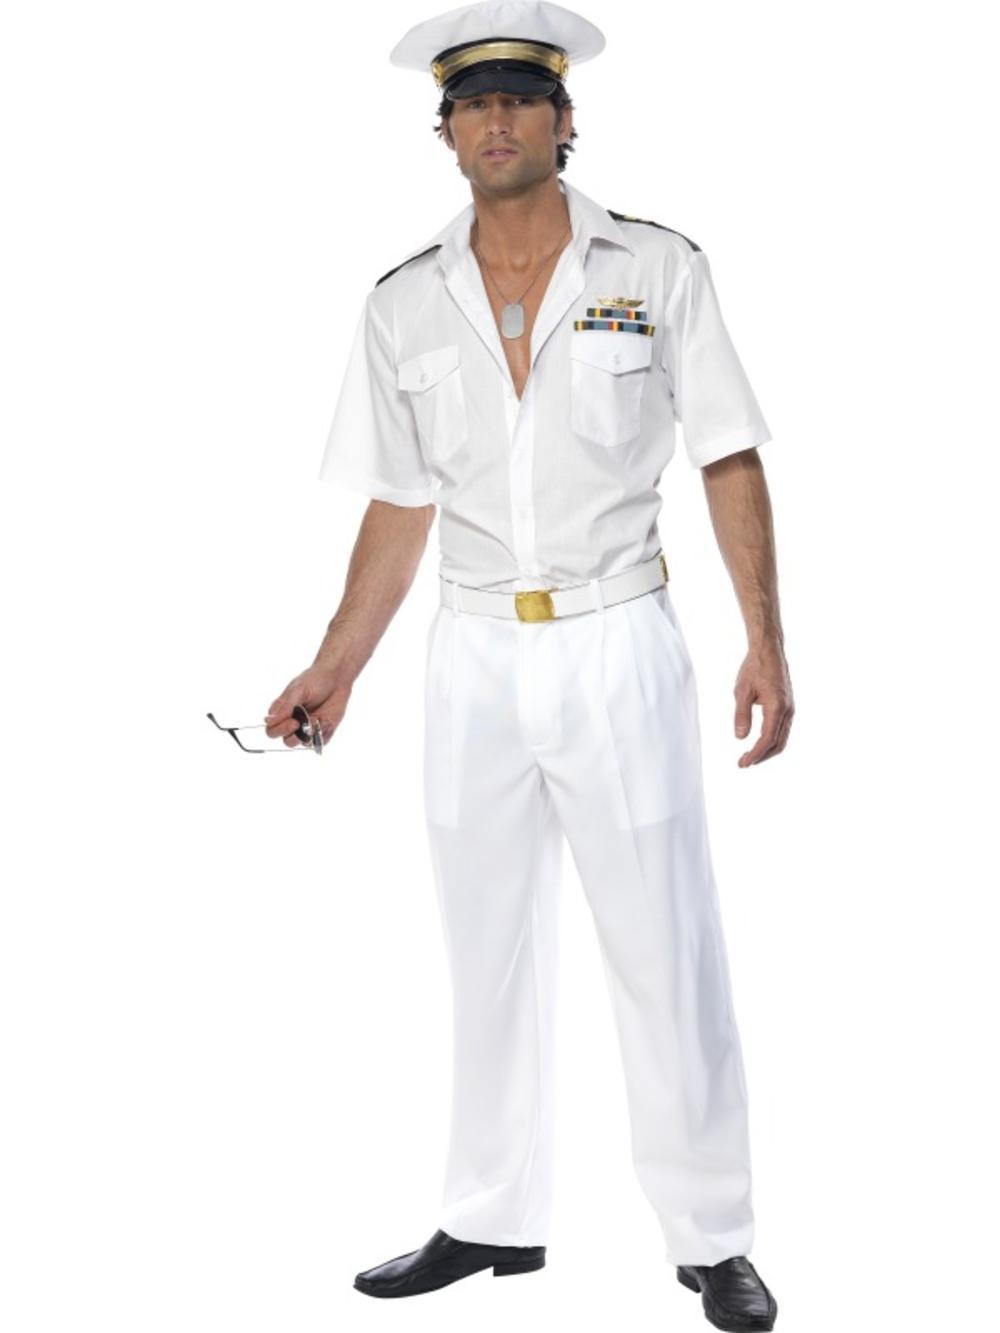 Top Gun Fancy Dress White Captain 1980s Uniform Mens 80s Costume Outfit + Hat